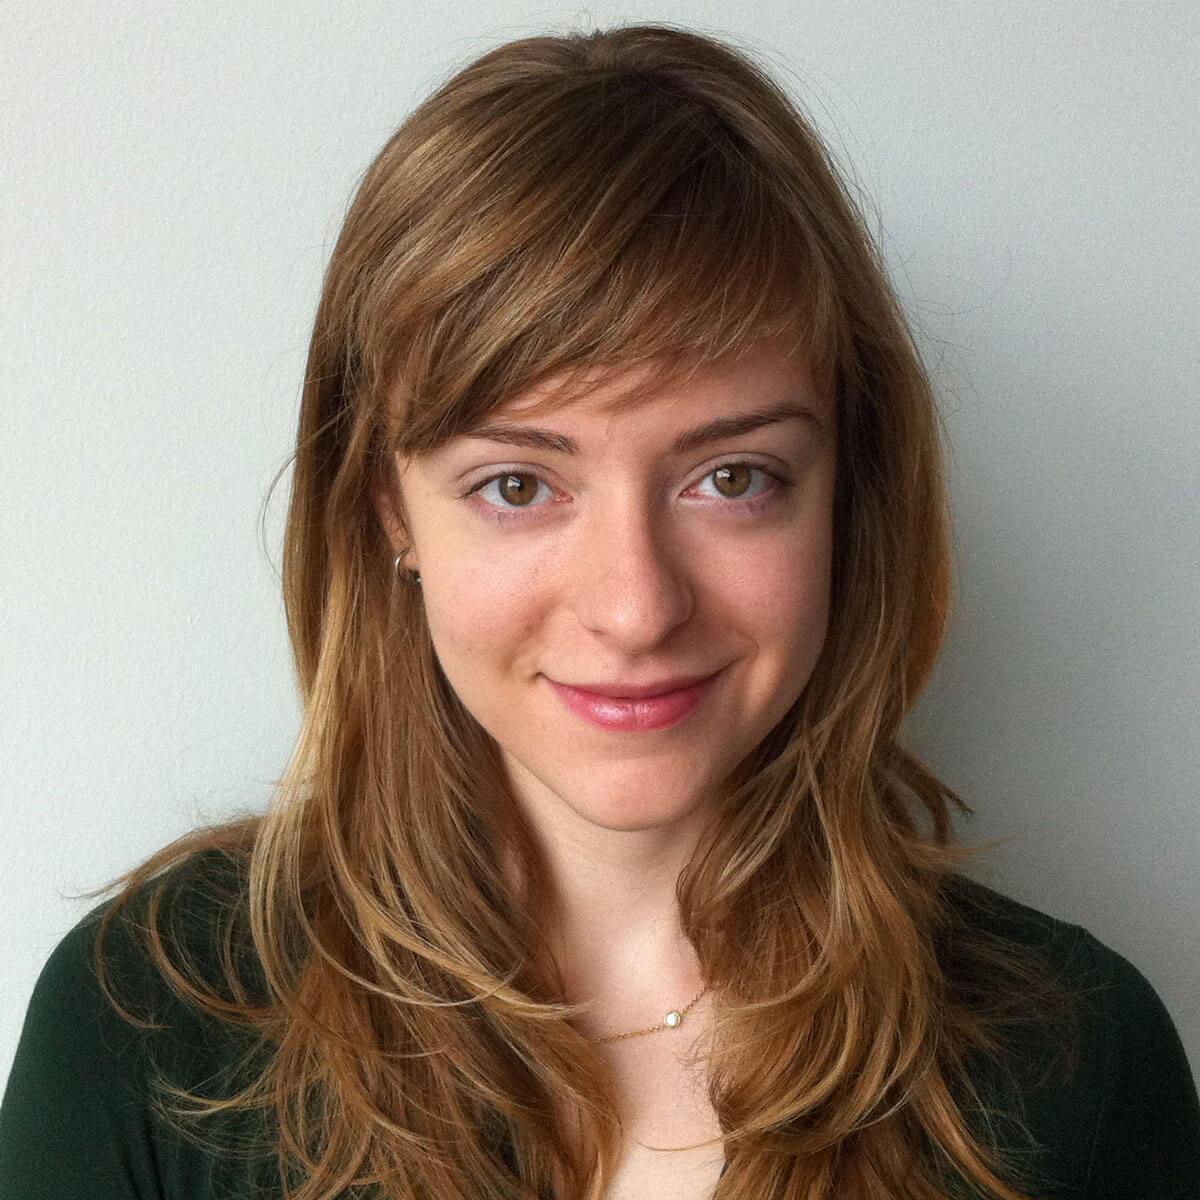 Leslie Dewan